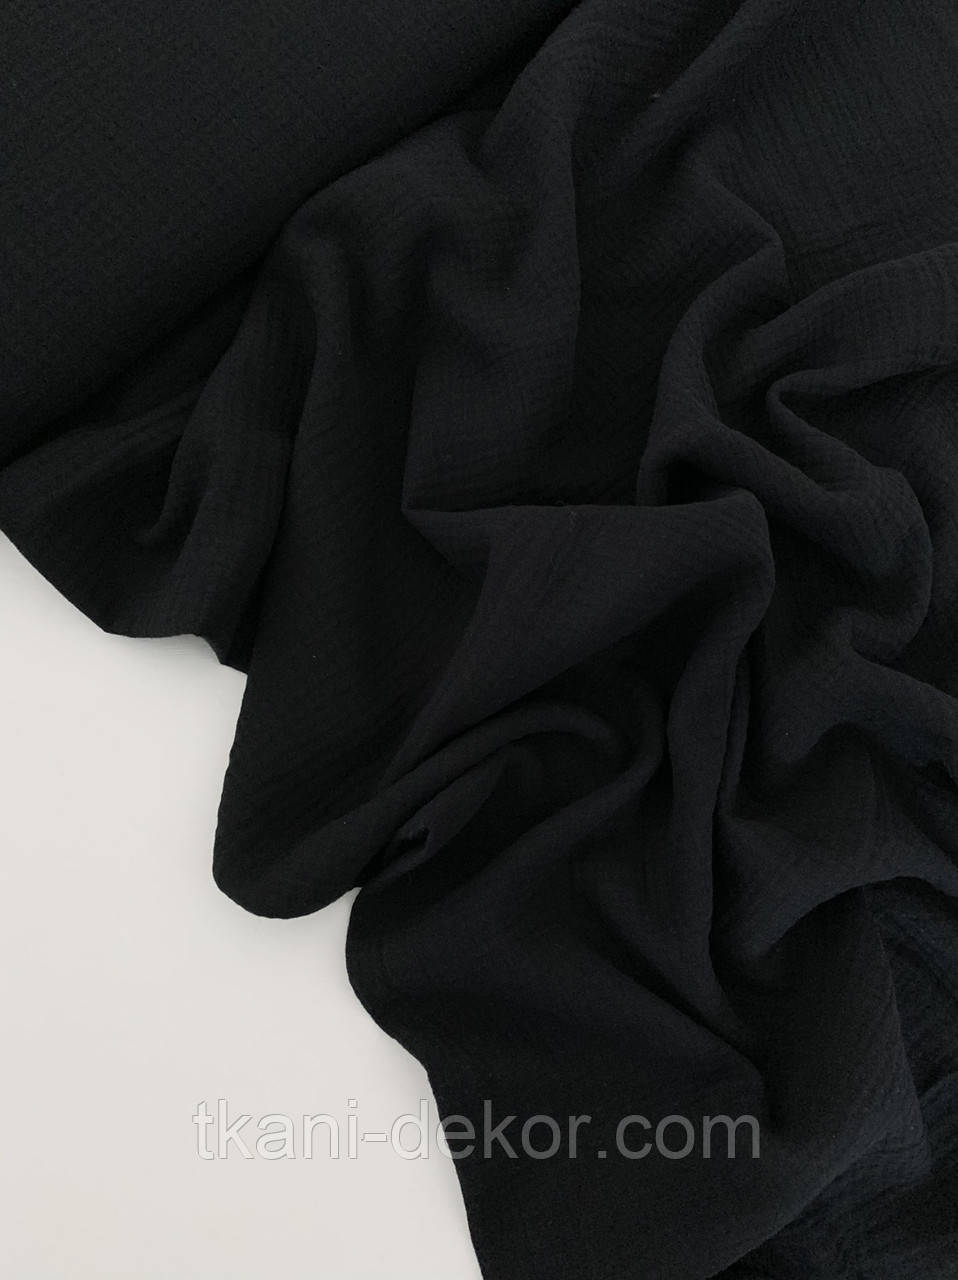 Муслин (хлопковая ткань) жатка черный однотон (ширина 1,35 м) (28)